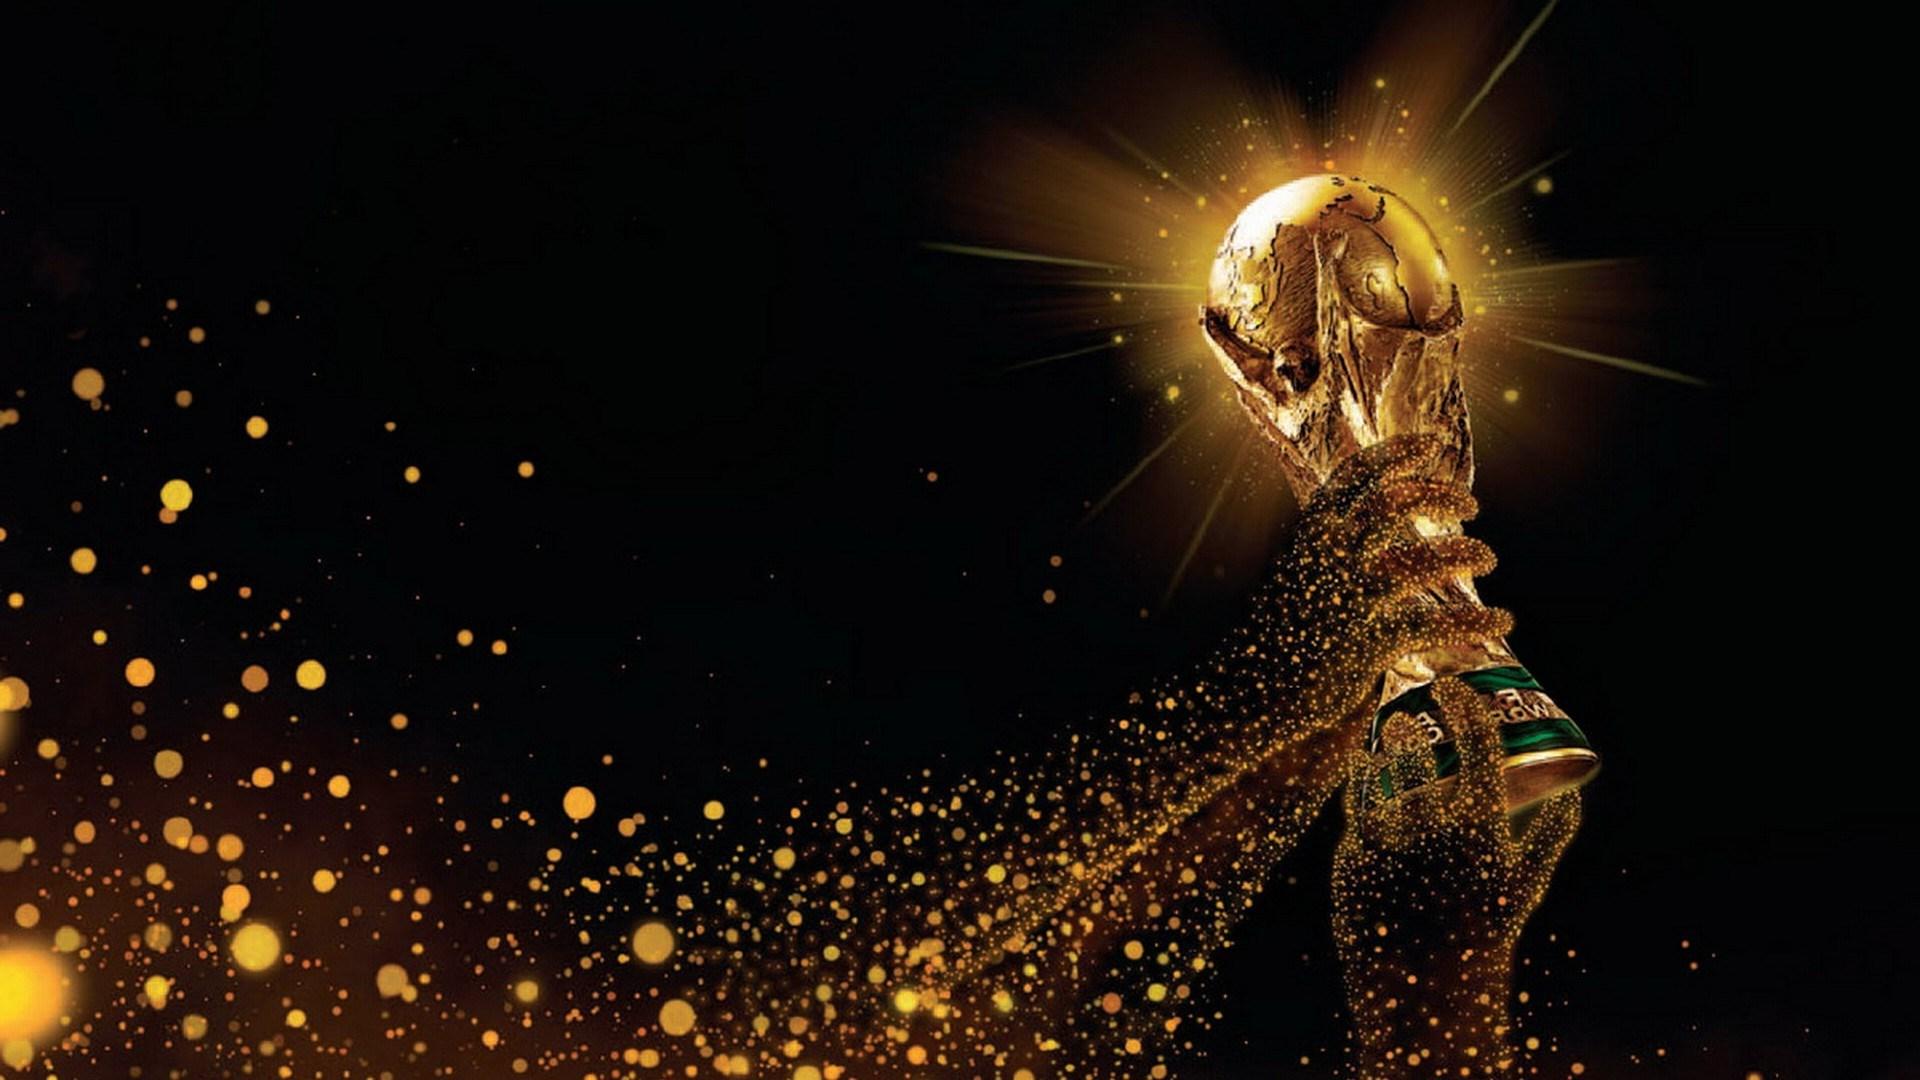 Coupe du monde trophe fond ecran 10 000 fonds d 39 cran hd for Fond ecran foot